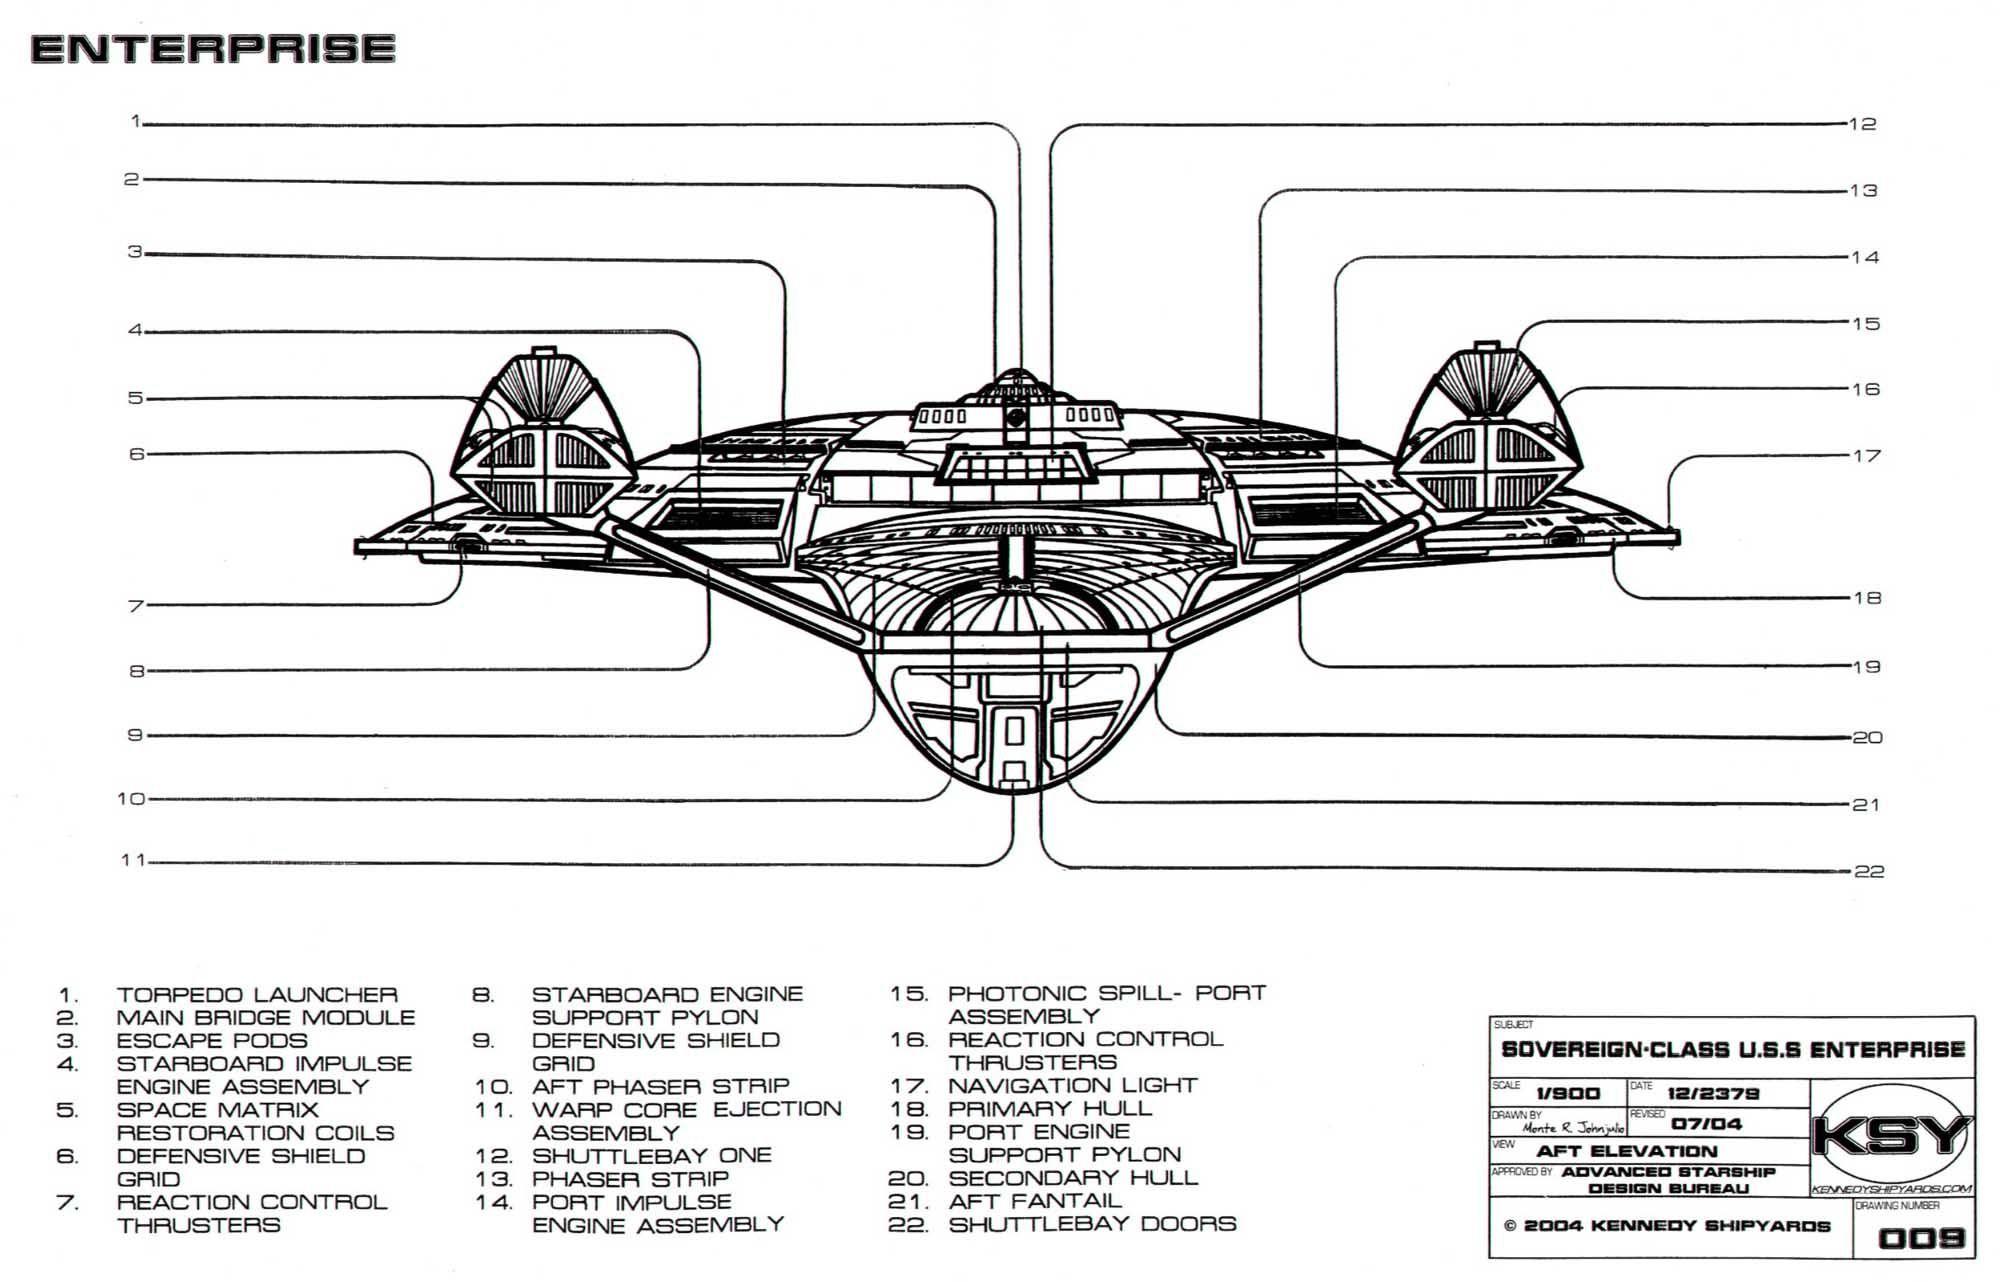 Uss enterprise ncc 1701 d galaxy class saucer separation r flickr - Star Trek Blueprints Sovereign Class Federation Starship U S S Enterprise Ncc 1701 E